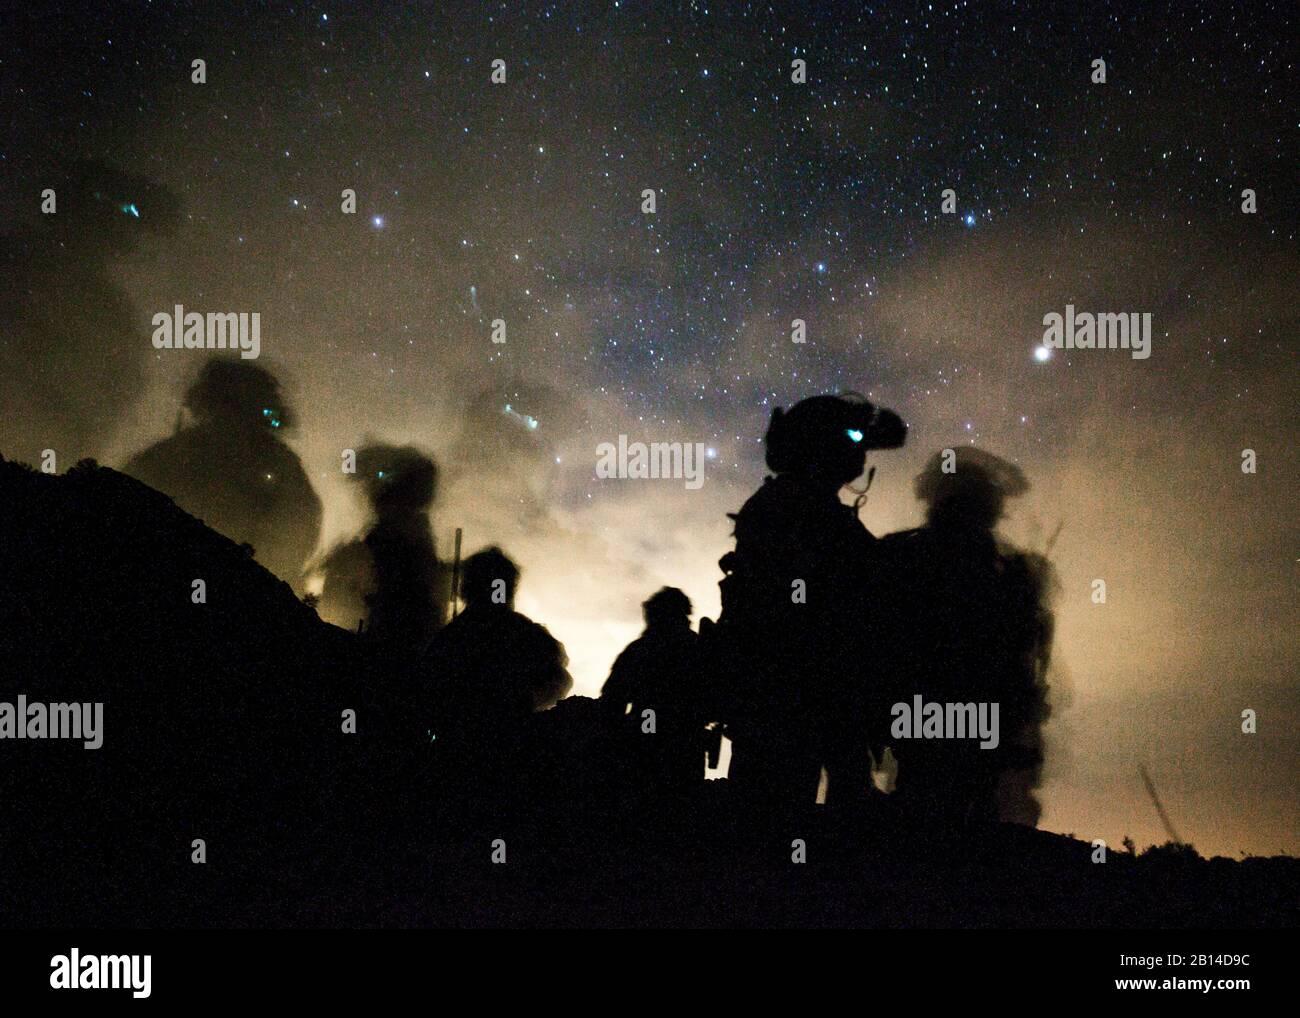 Los Marines de Estados Unidos con el 1er Batallón Raider Marina, Marine Raider Regimiento de la Infantería de Marina del Comando de Operaciones Especiales de las fuerzas, esperan la partida durante el último ejercicio (FINEX) dos como parte del curso de instructores de armas y tácticas (WTI) 2-17, cerca de Yuma, Arizona, 27 de abril de 2017. Este ejercicio fue diseñado para ejecutar un simulacro de fuerzas especiales de funcionamiento, al tiempo que admiten RAID Equipo de Combate Regimental objetivos y centrándose en la realización de las seis funciones de la Aviación Marina. El precio del WTI fue de 7 semanas de evento de capacitación organizado por la aviación y marina armas y tácticas (MAWTS-1), el cual enfatiza los cuadros Foto de stock